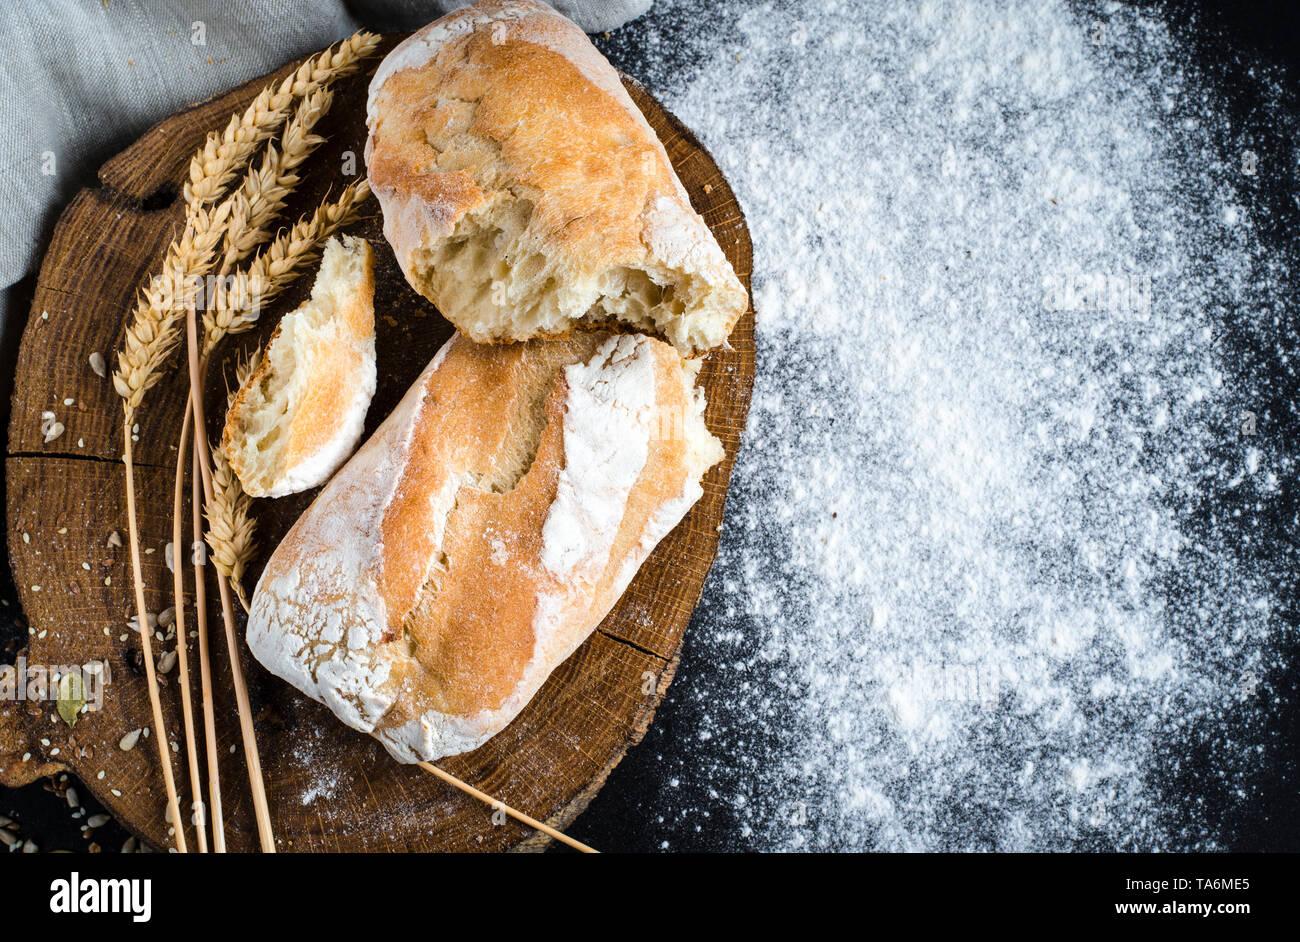 Pain traditionnel fait maison fraîchement préparés sur une table en bois rustique Banque D'Images